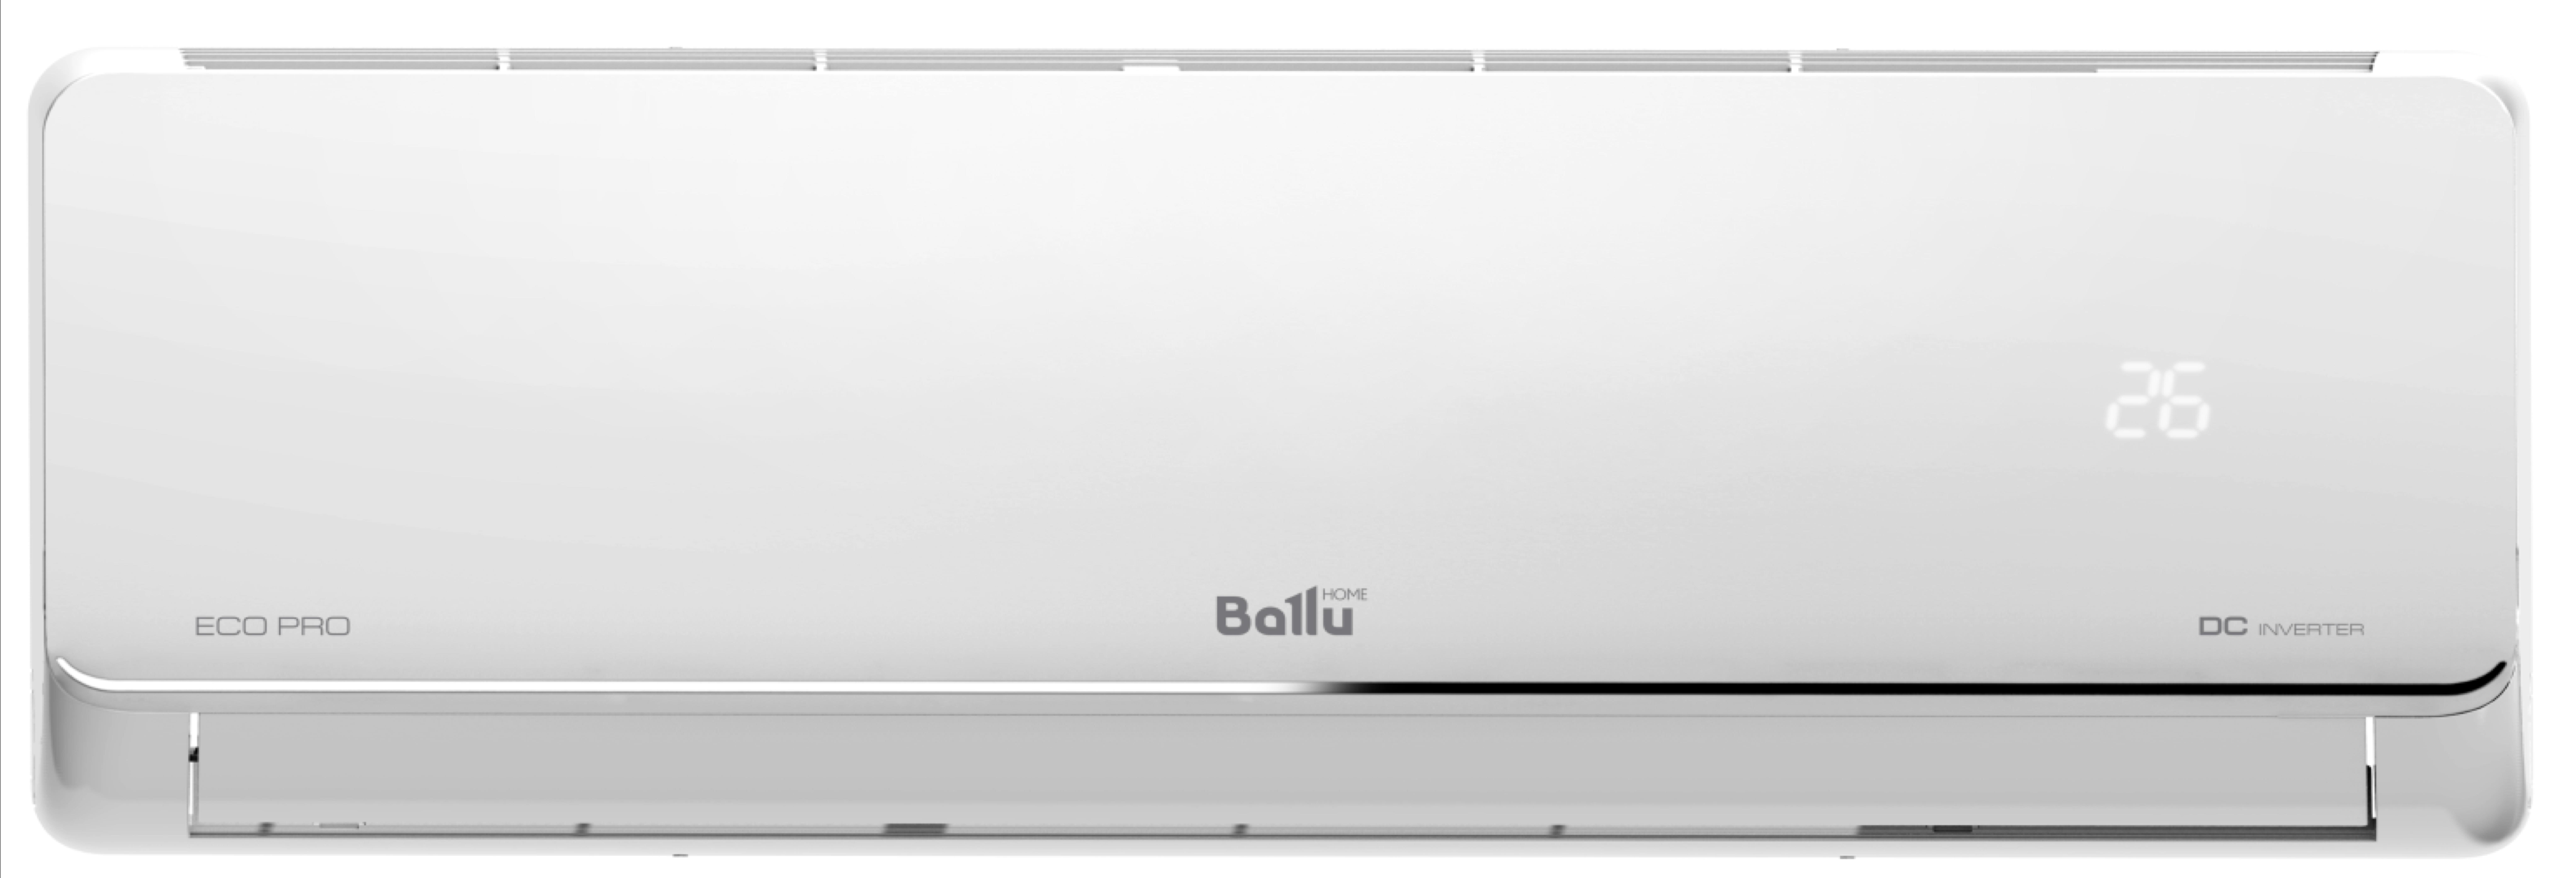 Ballu BSWI-09HN8/EU/20Y inverter (R32)